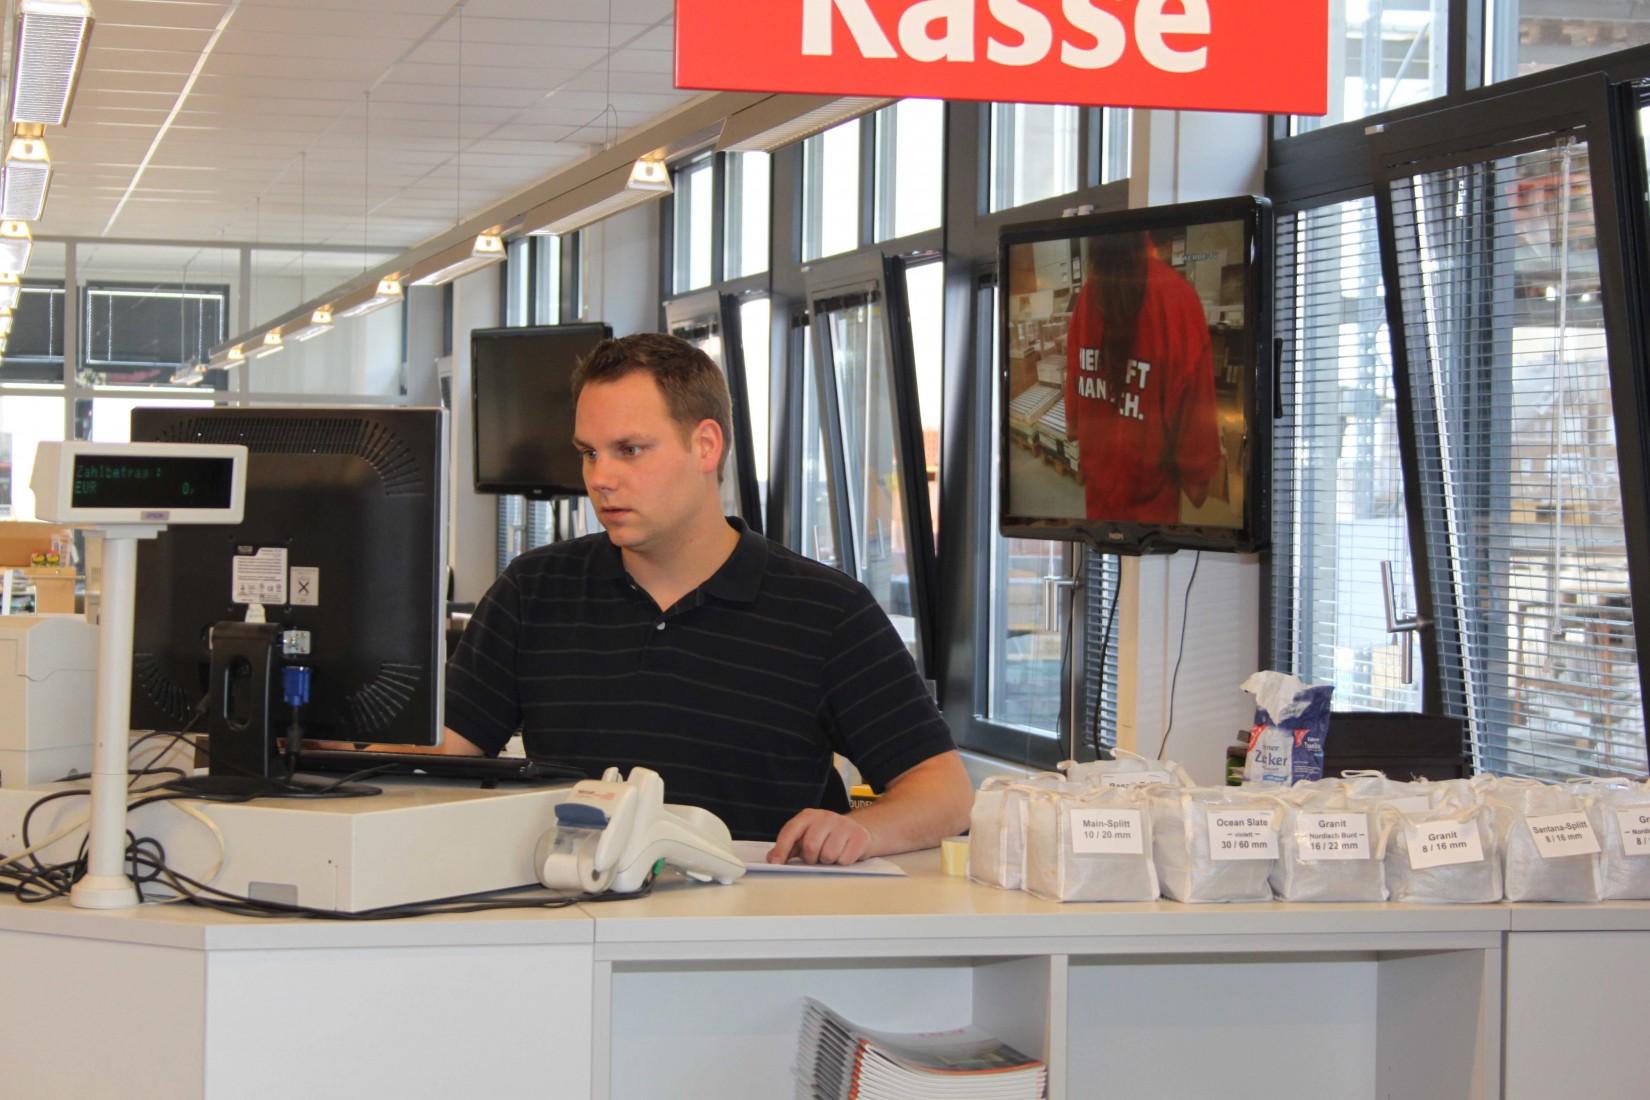 Kassenbereich im Essener Baustoffhandel Schlenkhoff. Foto: Redaktion/Grimm